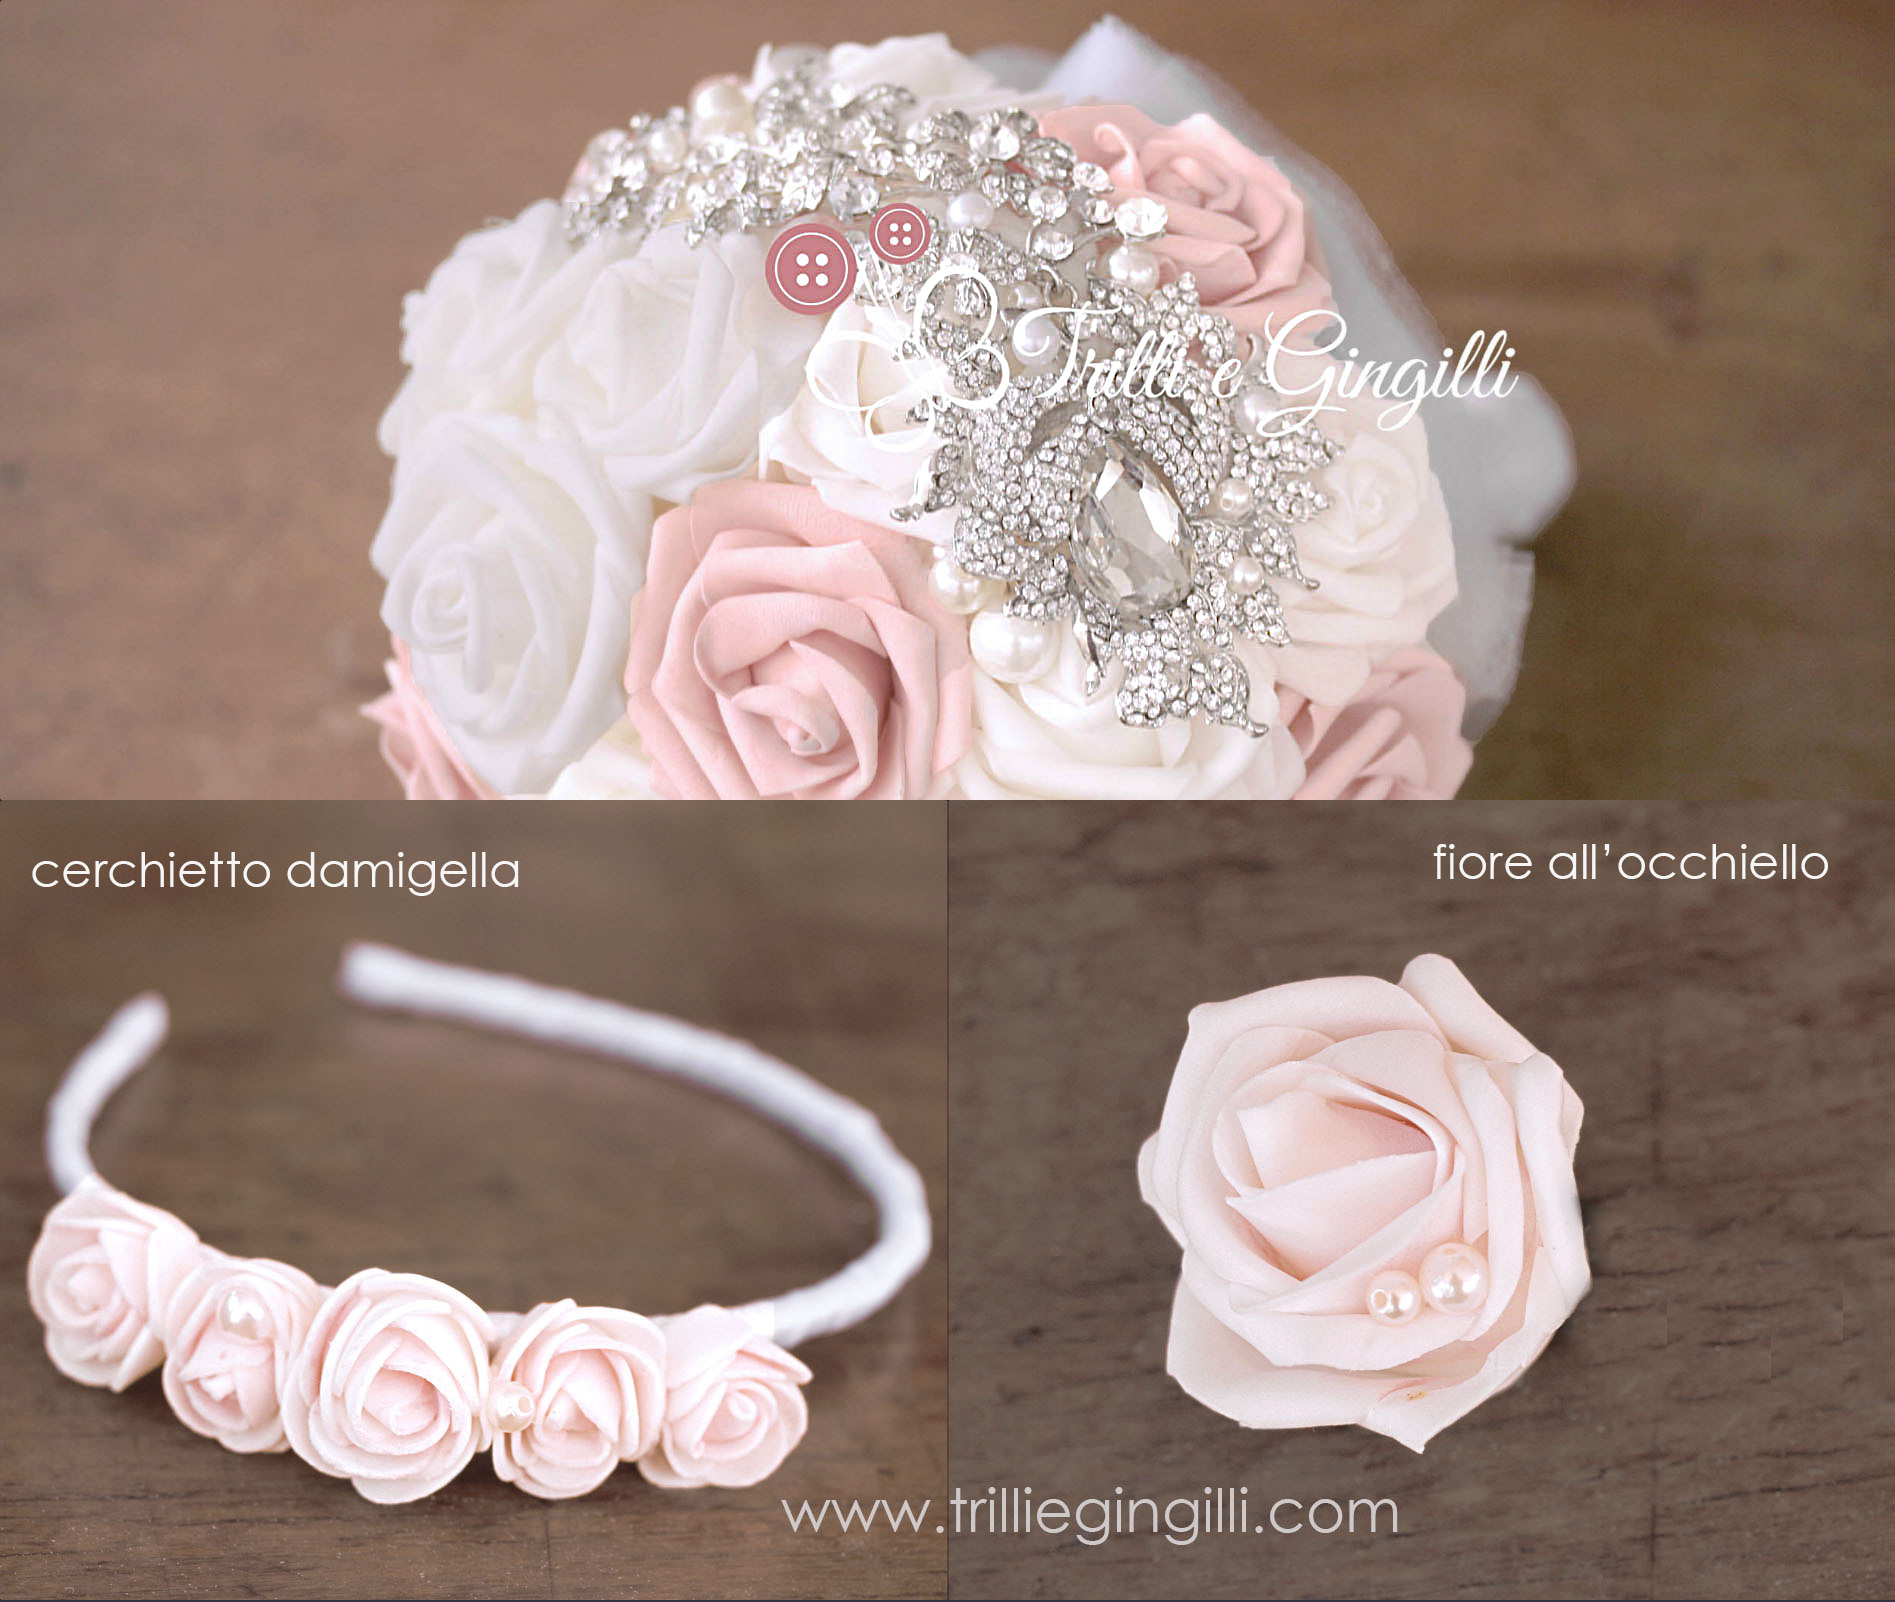 cerchietto damigella coordinato bouquet sposa